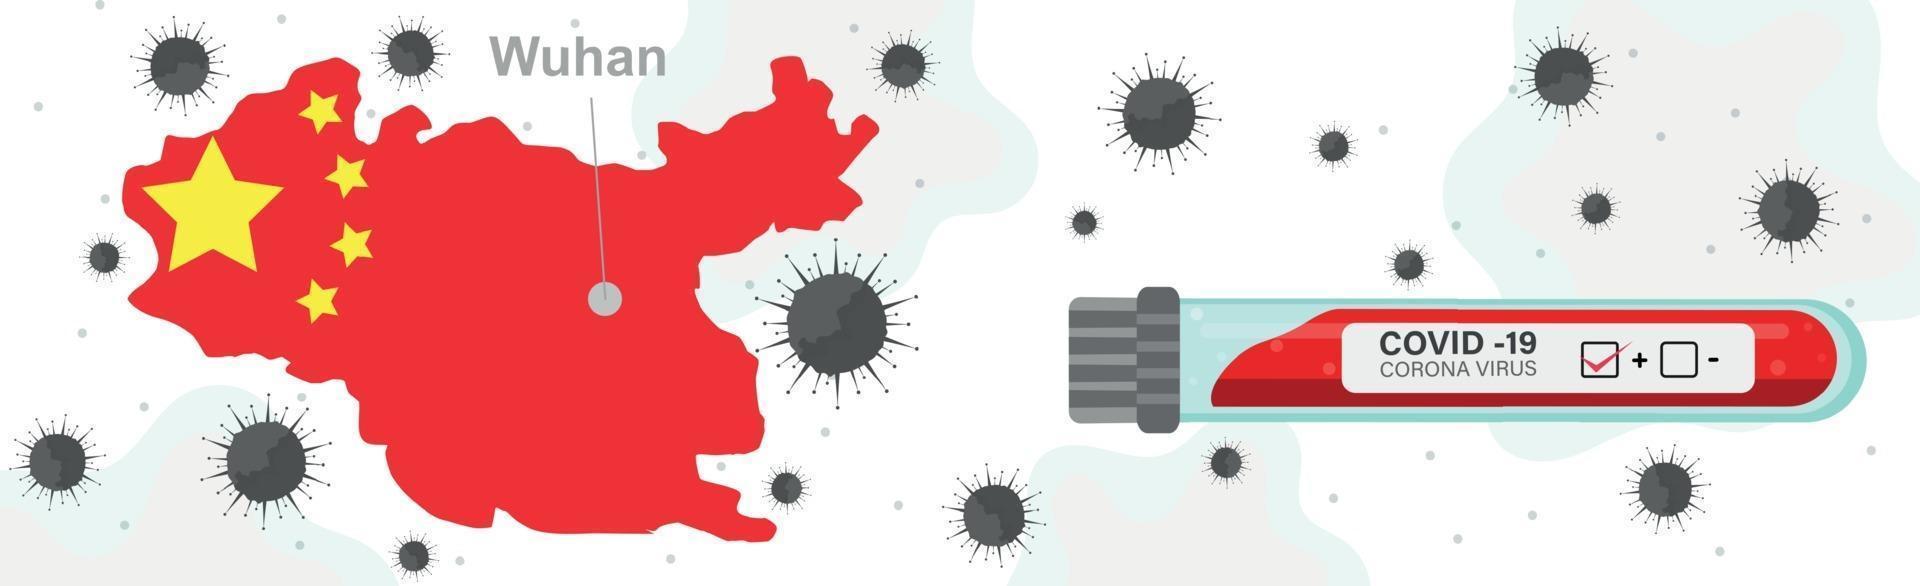 bacterias novedoso virus covid-19, ciudad china de wuhan - vector